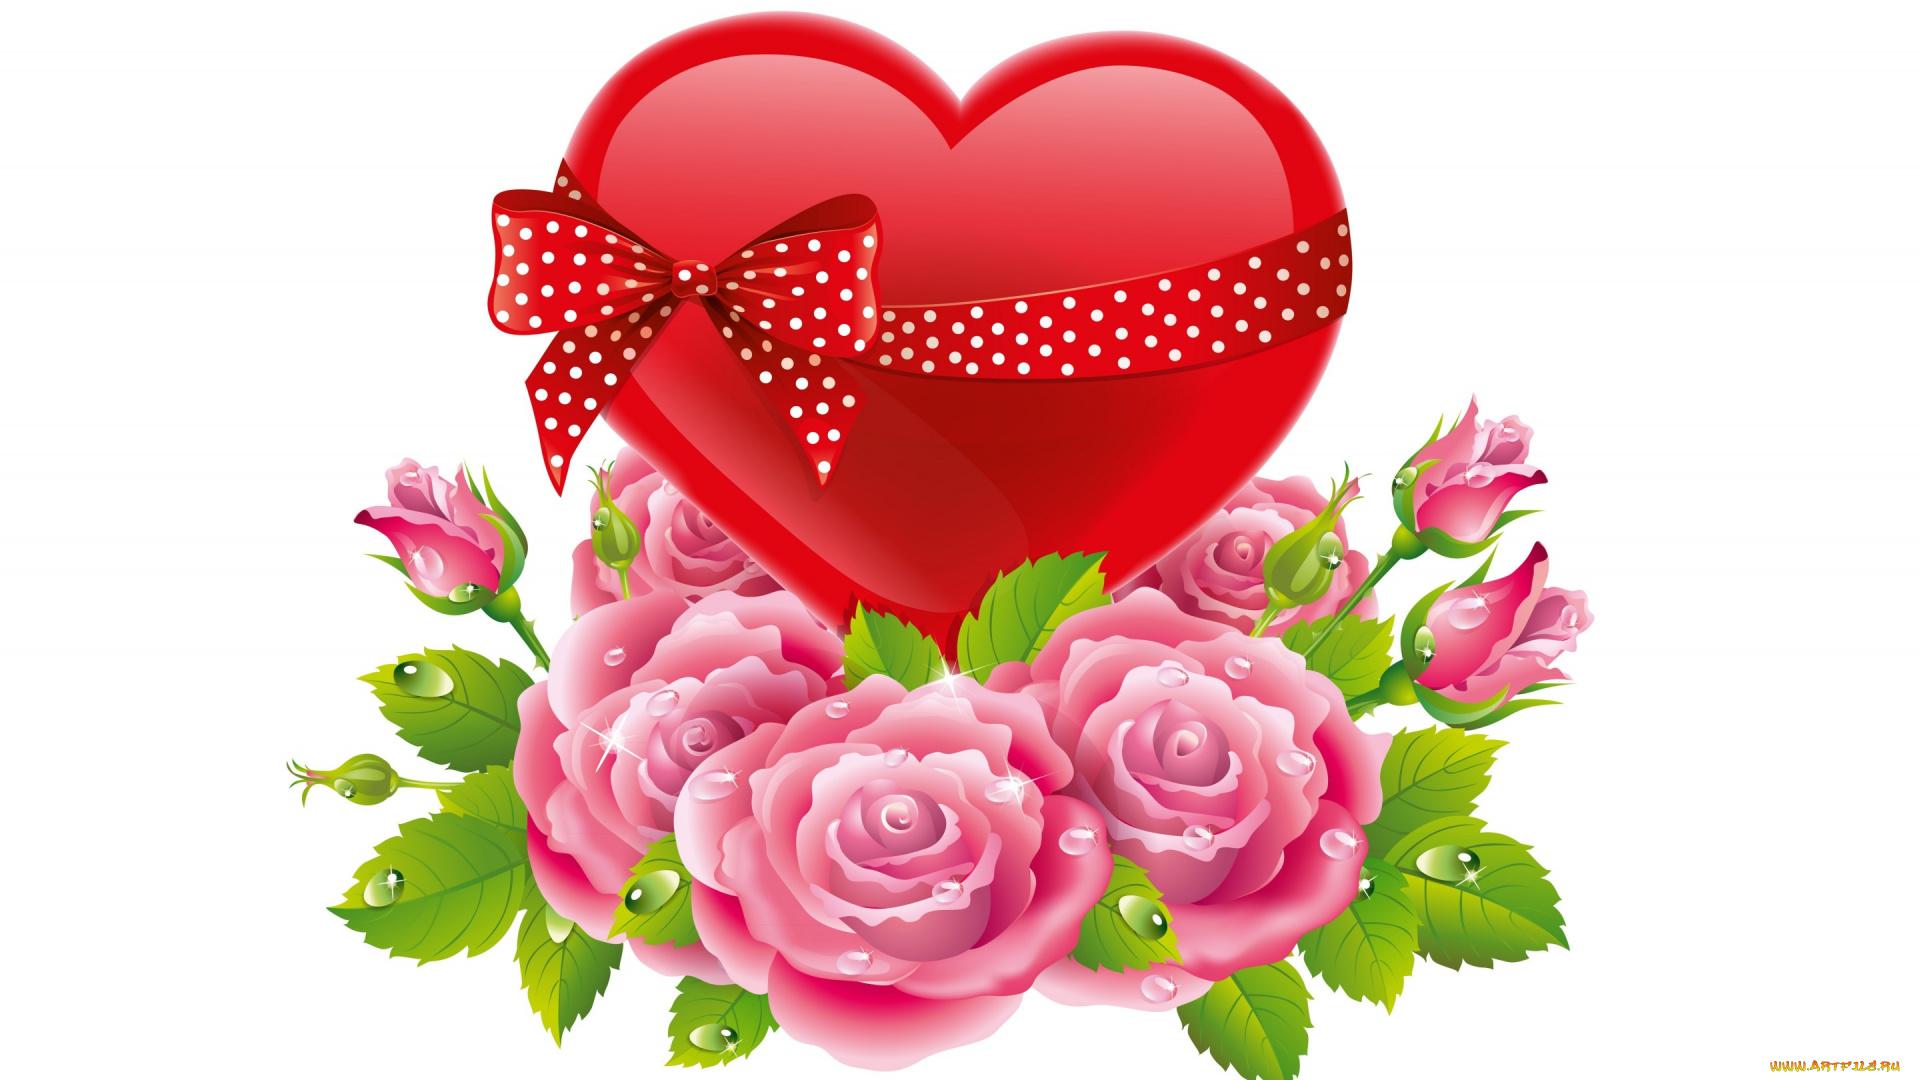 скачай мне картинки с цветами и сердечками расскажем